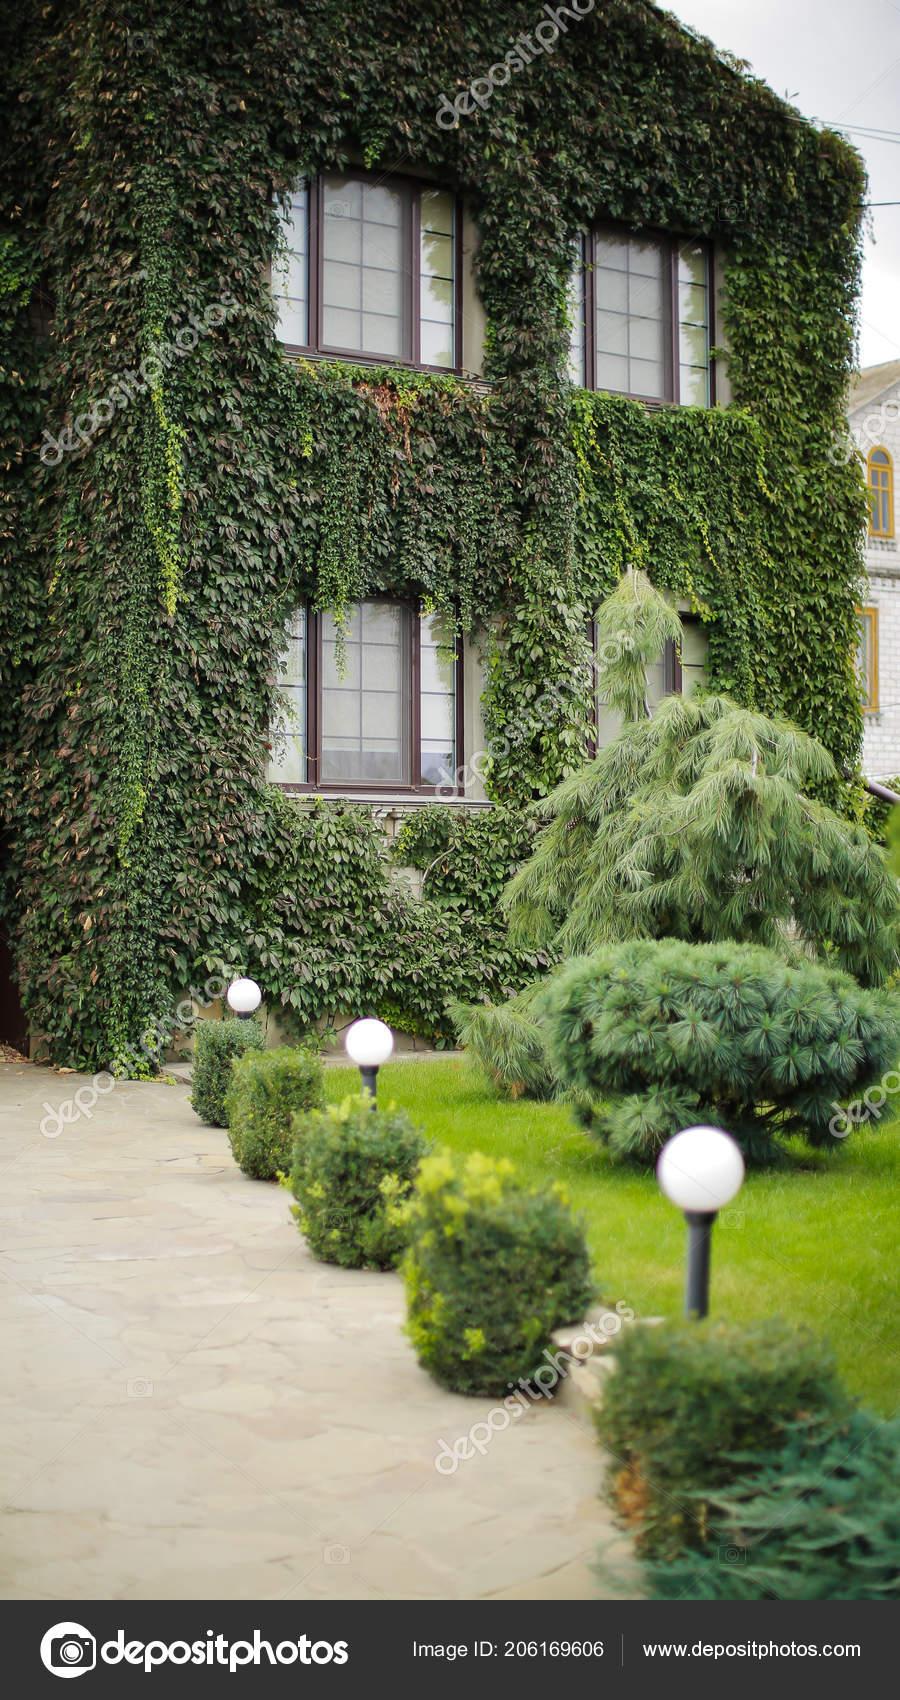 Moderne Maison Couverte Lierre Vert Maison Campagne